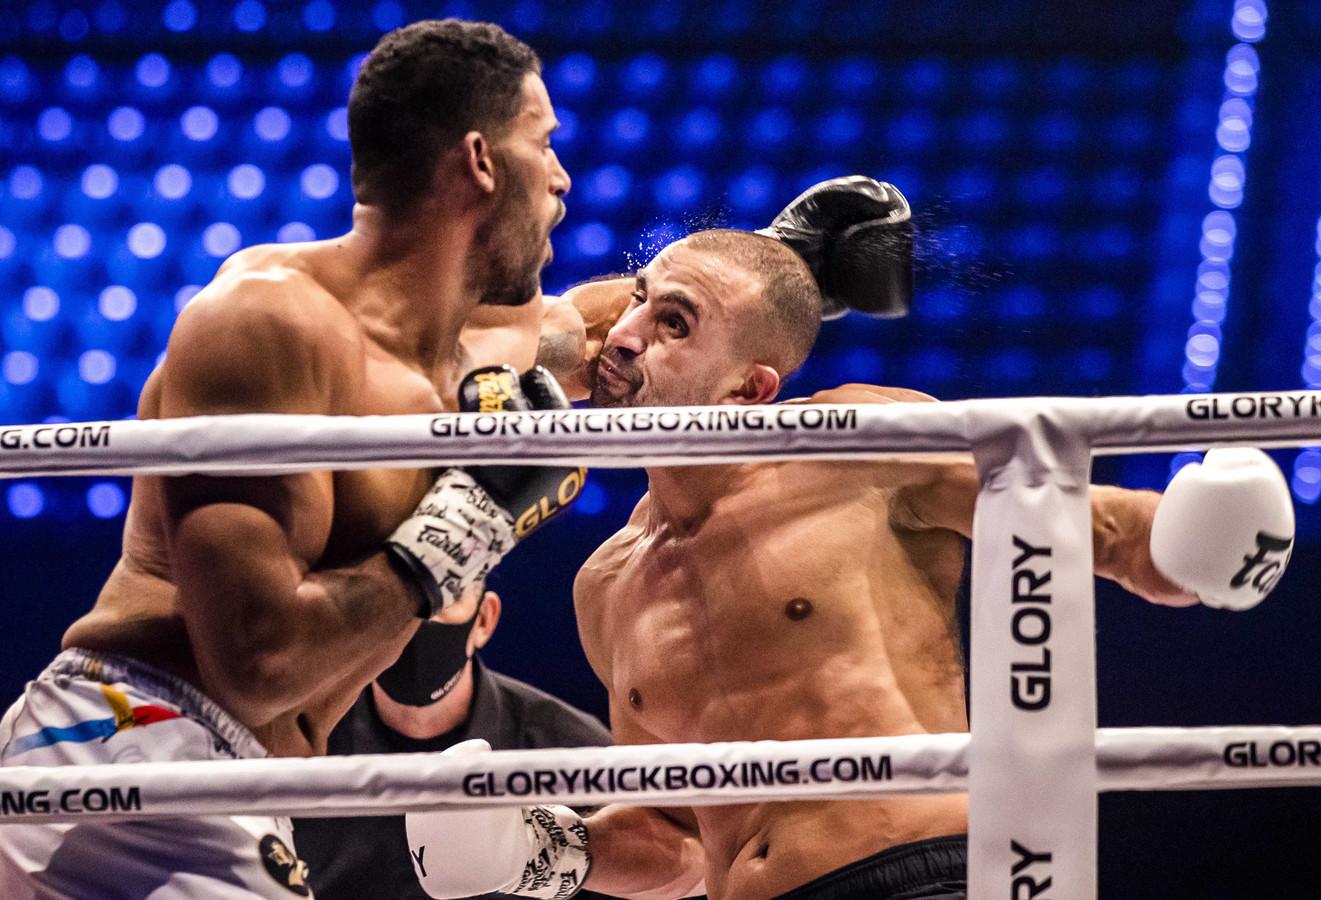 Kickbokser Badr Hari (rechts) in de ring tijdens de Glory-wedstrijd tegen de Roemeen Benjamin Adegbuyi.